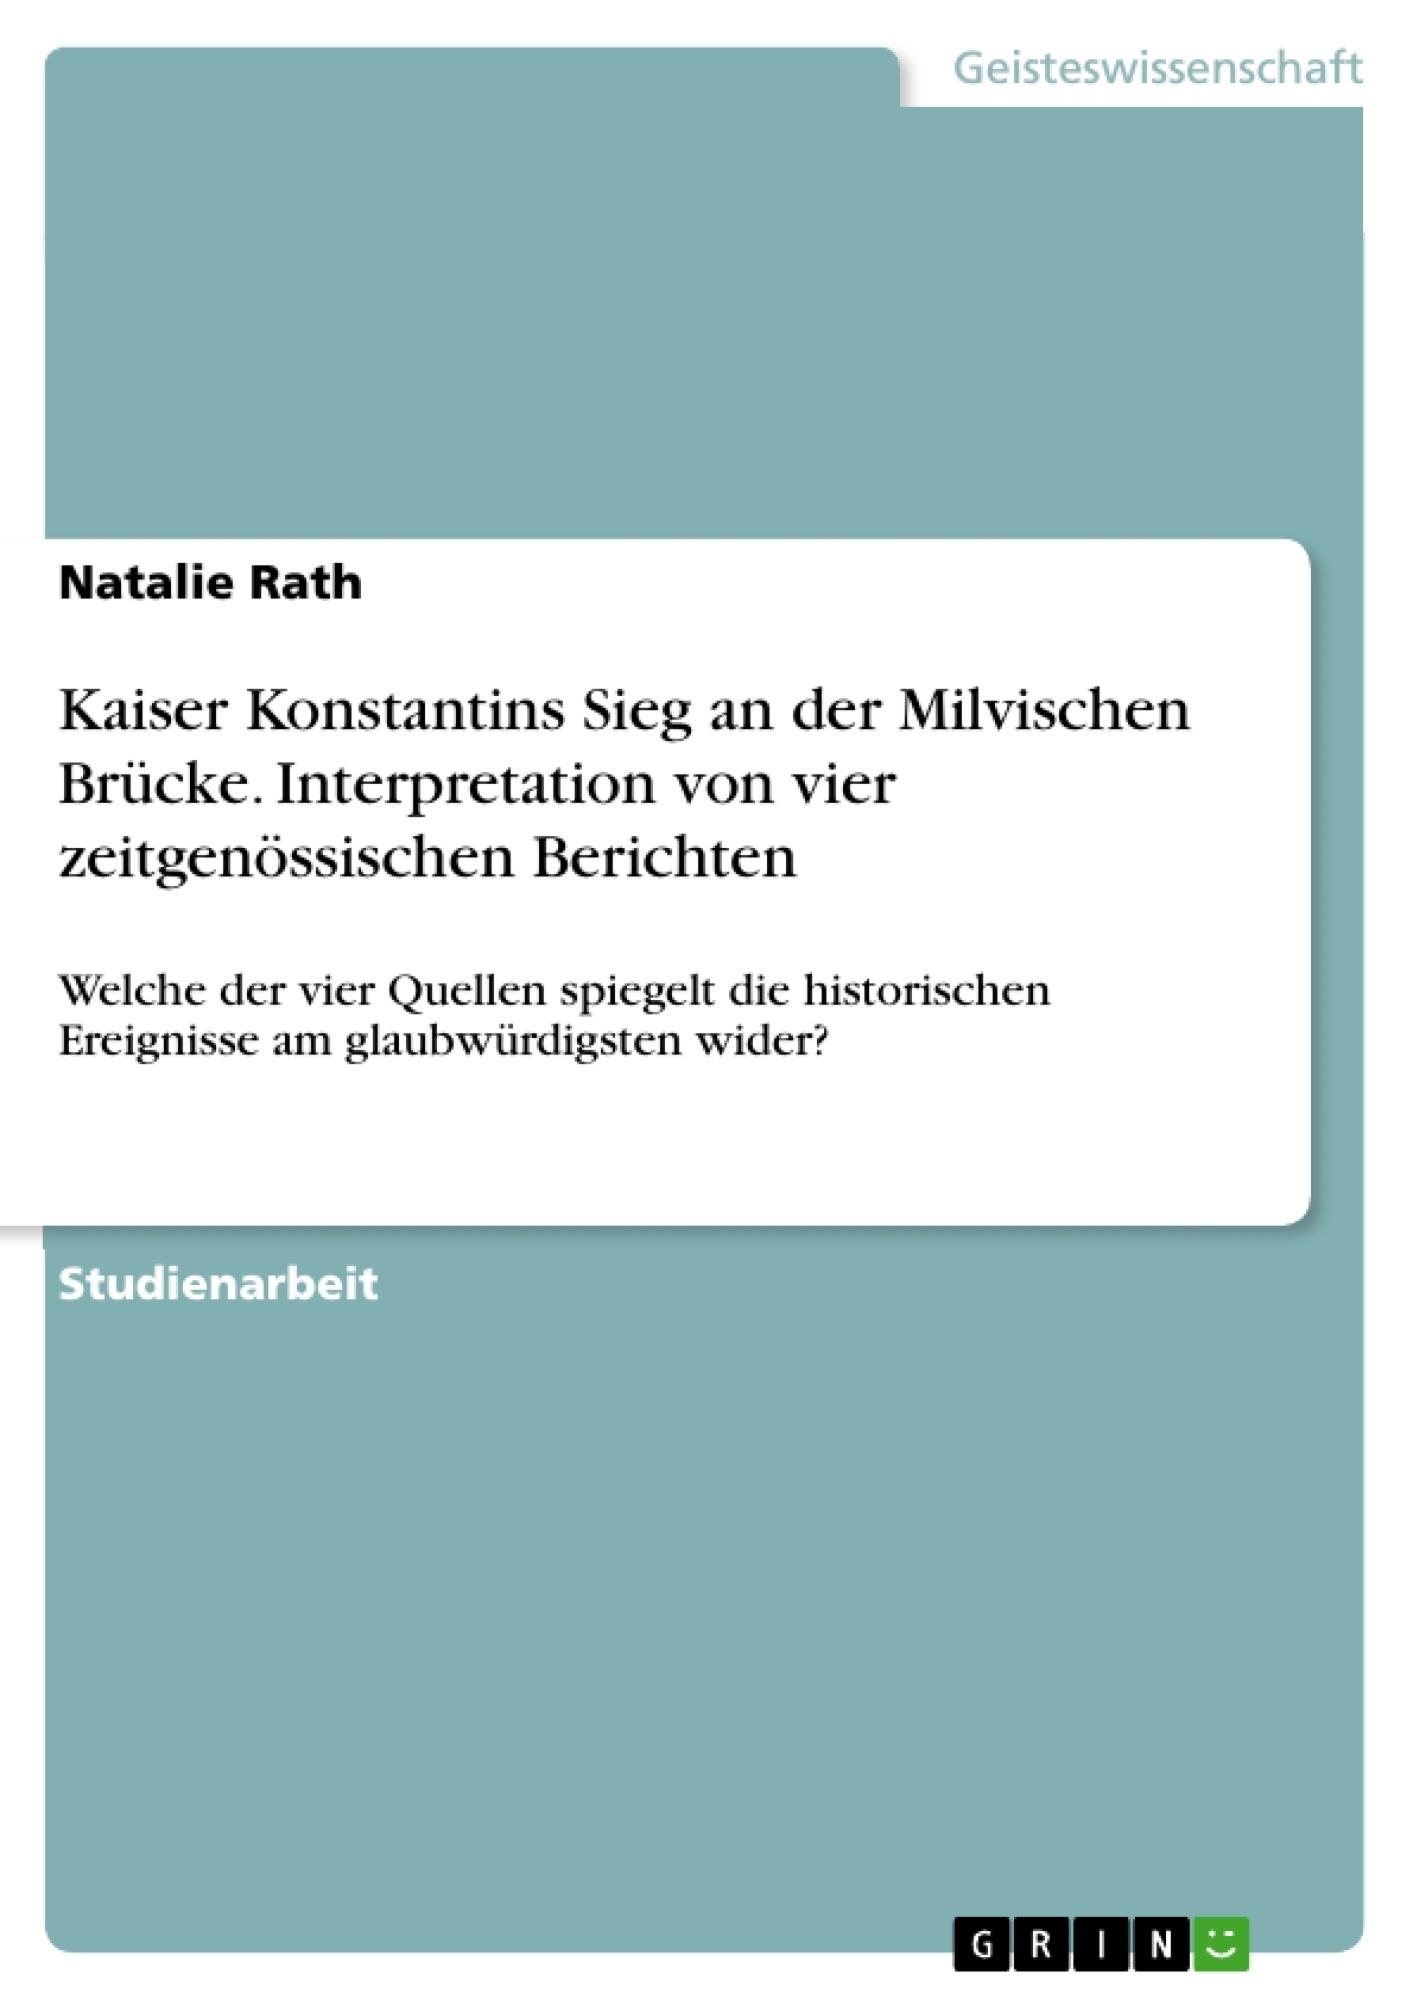 Titel: Kaiser Konstantins Sieg an der Milvischen Brücke. Interpretation von vier zeitgenössischen Berichten